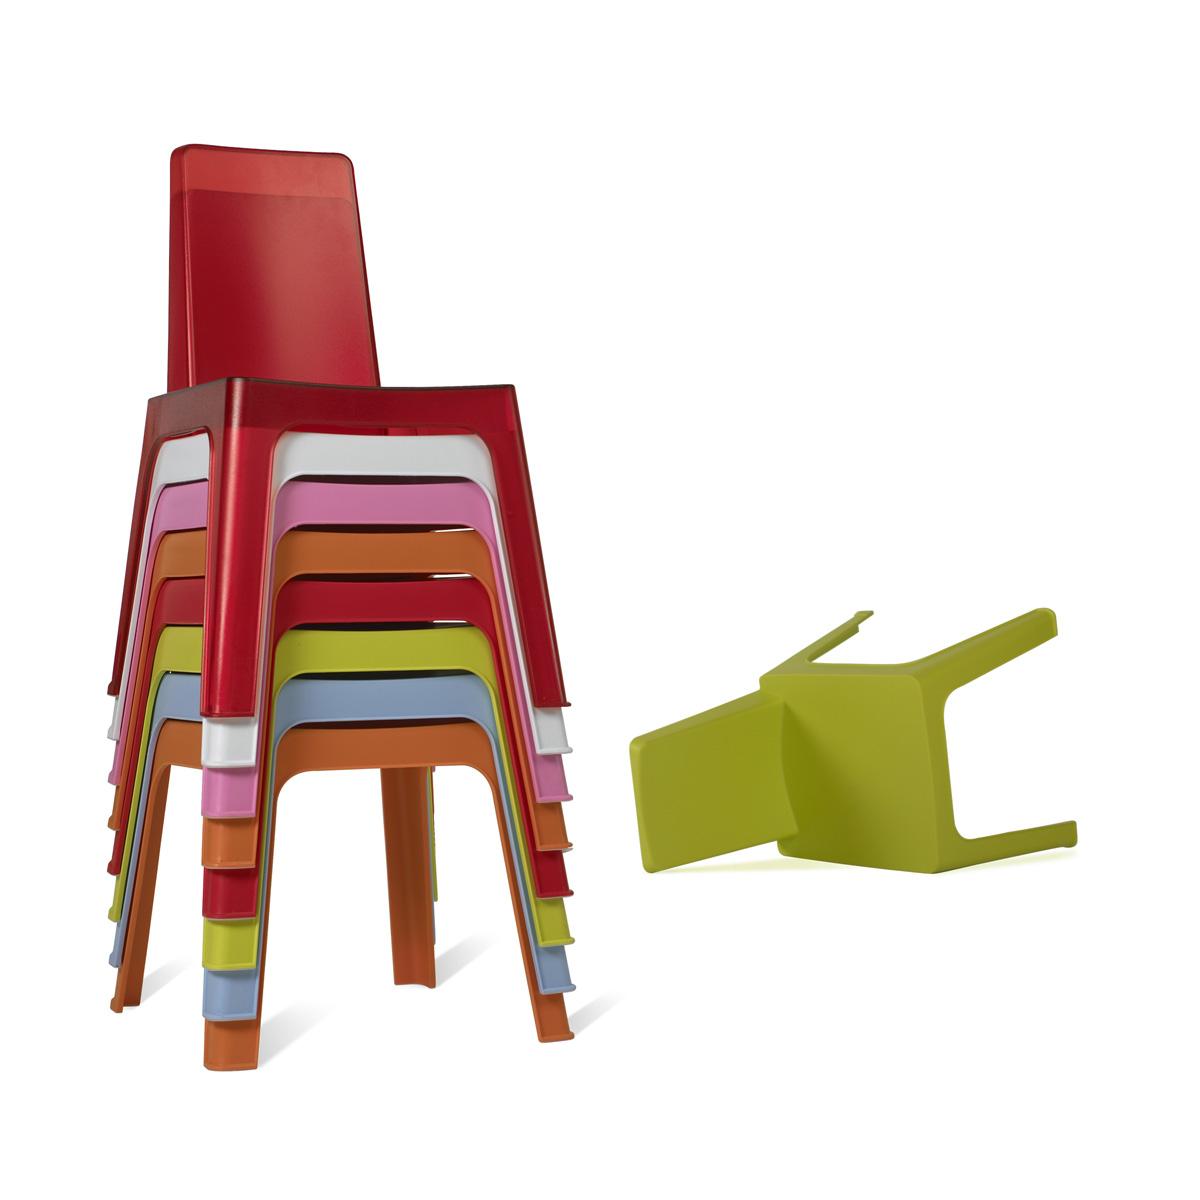 Wonderbaarlijk STR Collectie - Stoelen - Designstoelen - Julietta design kinderstoel UU-67